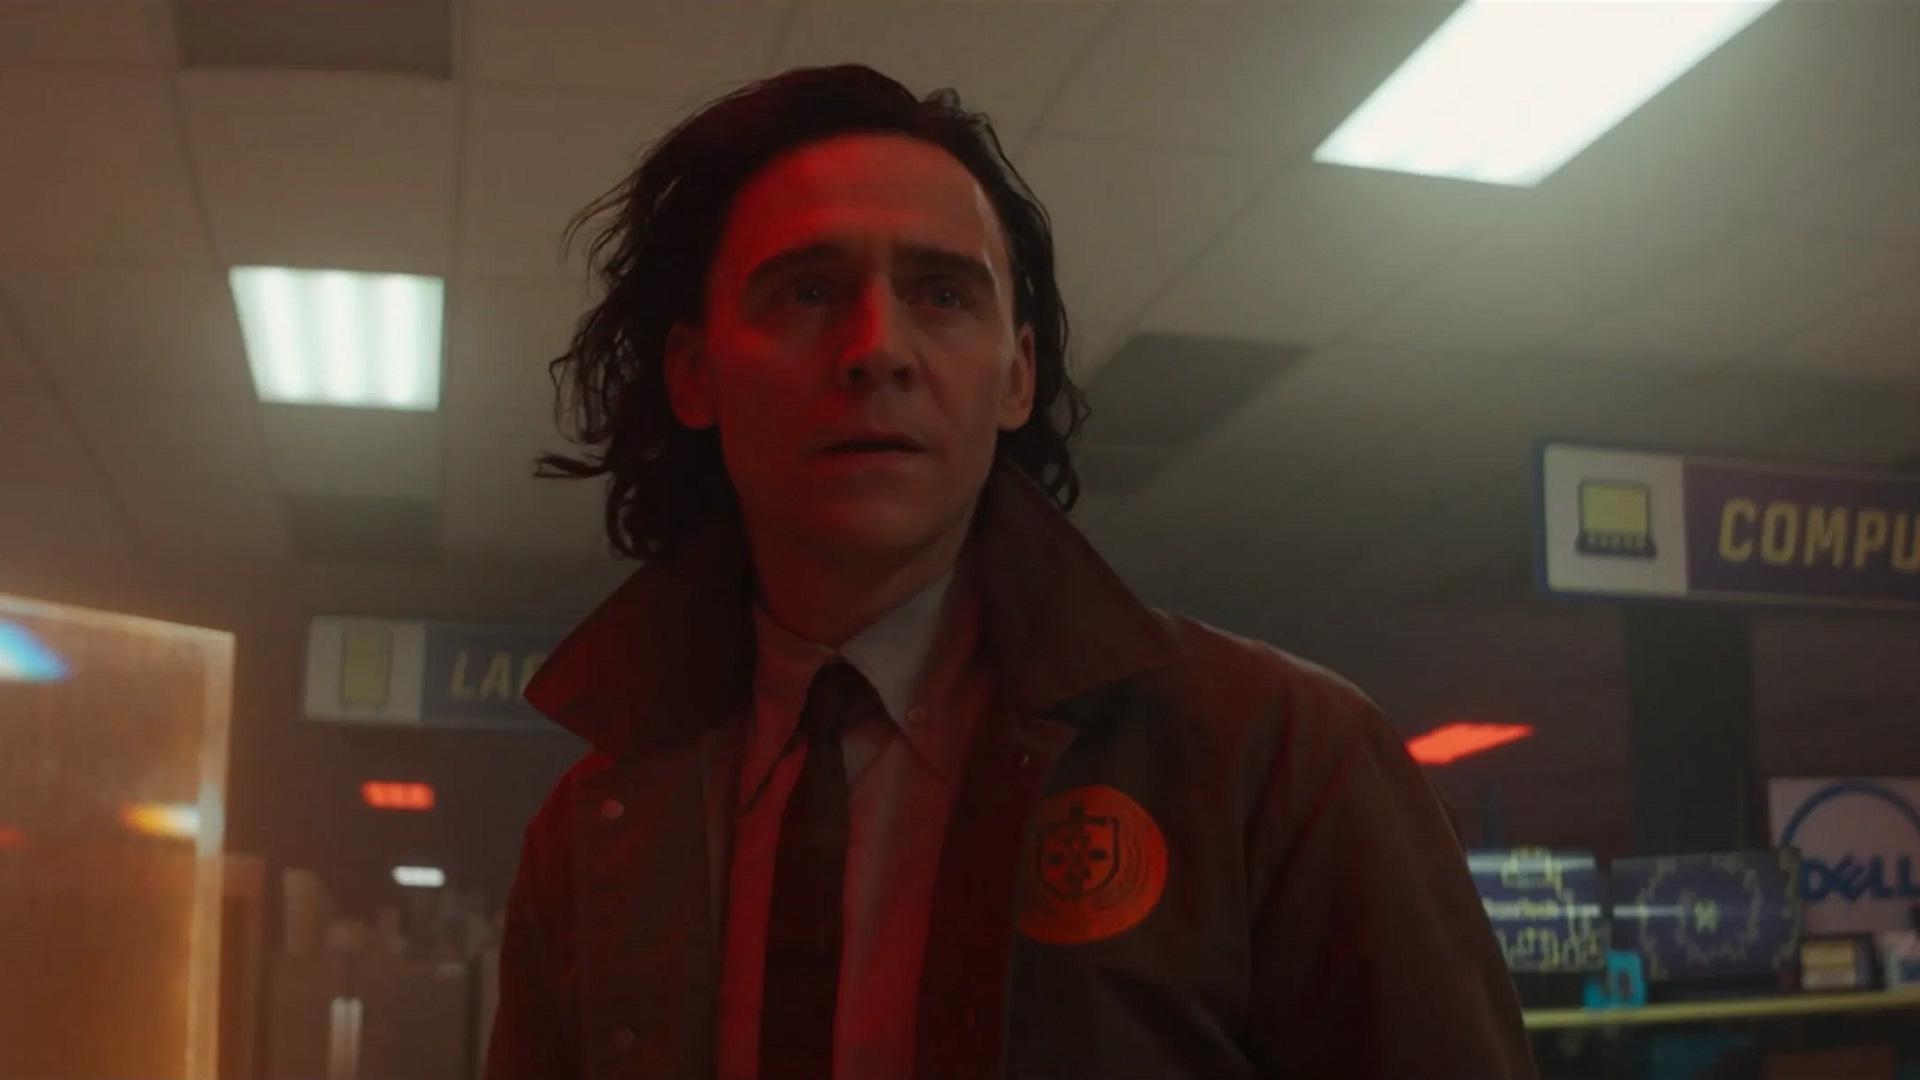 El capítulo 3 de la serie Loki, ya disponible en Disney Plus